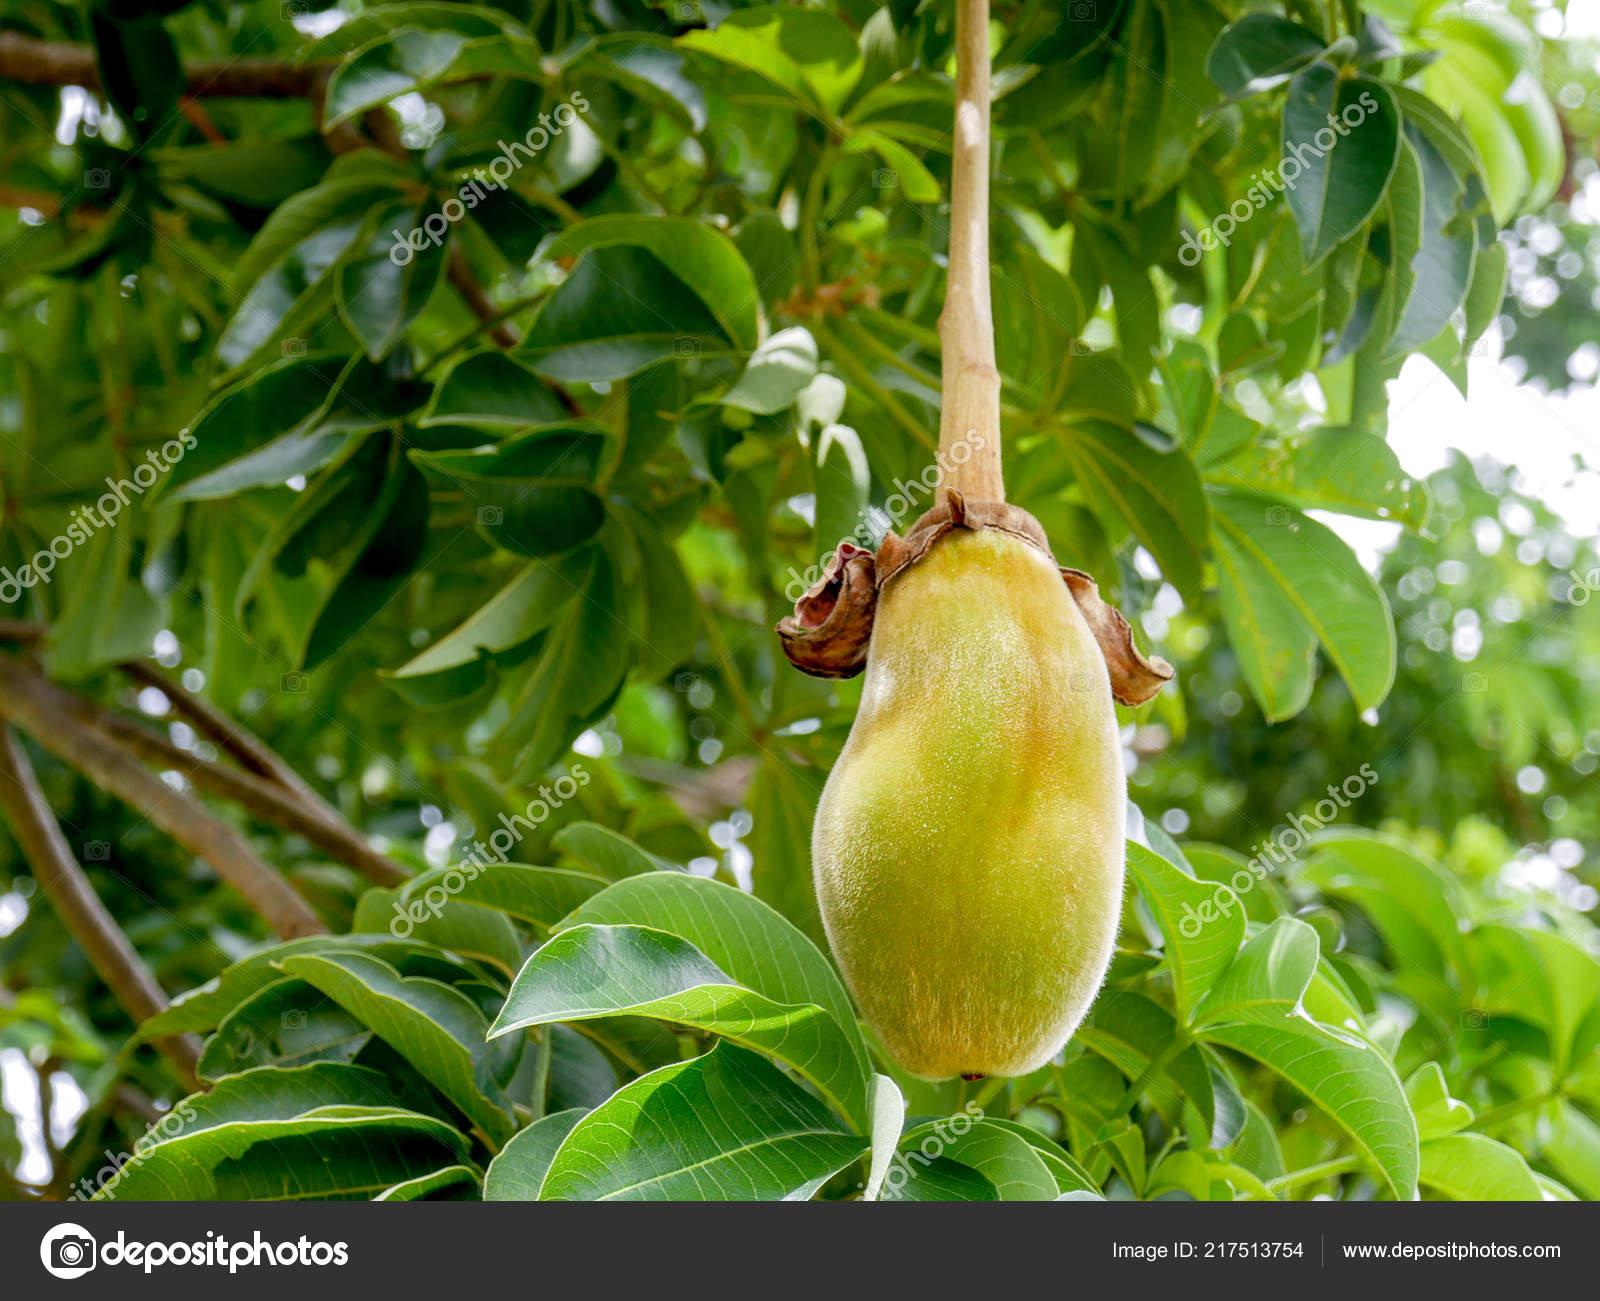 Afrikanische Baobab Frucht Oder Affe Brot Stockfoto C Nattapol